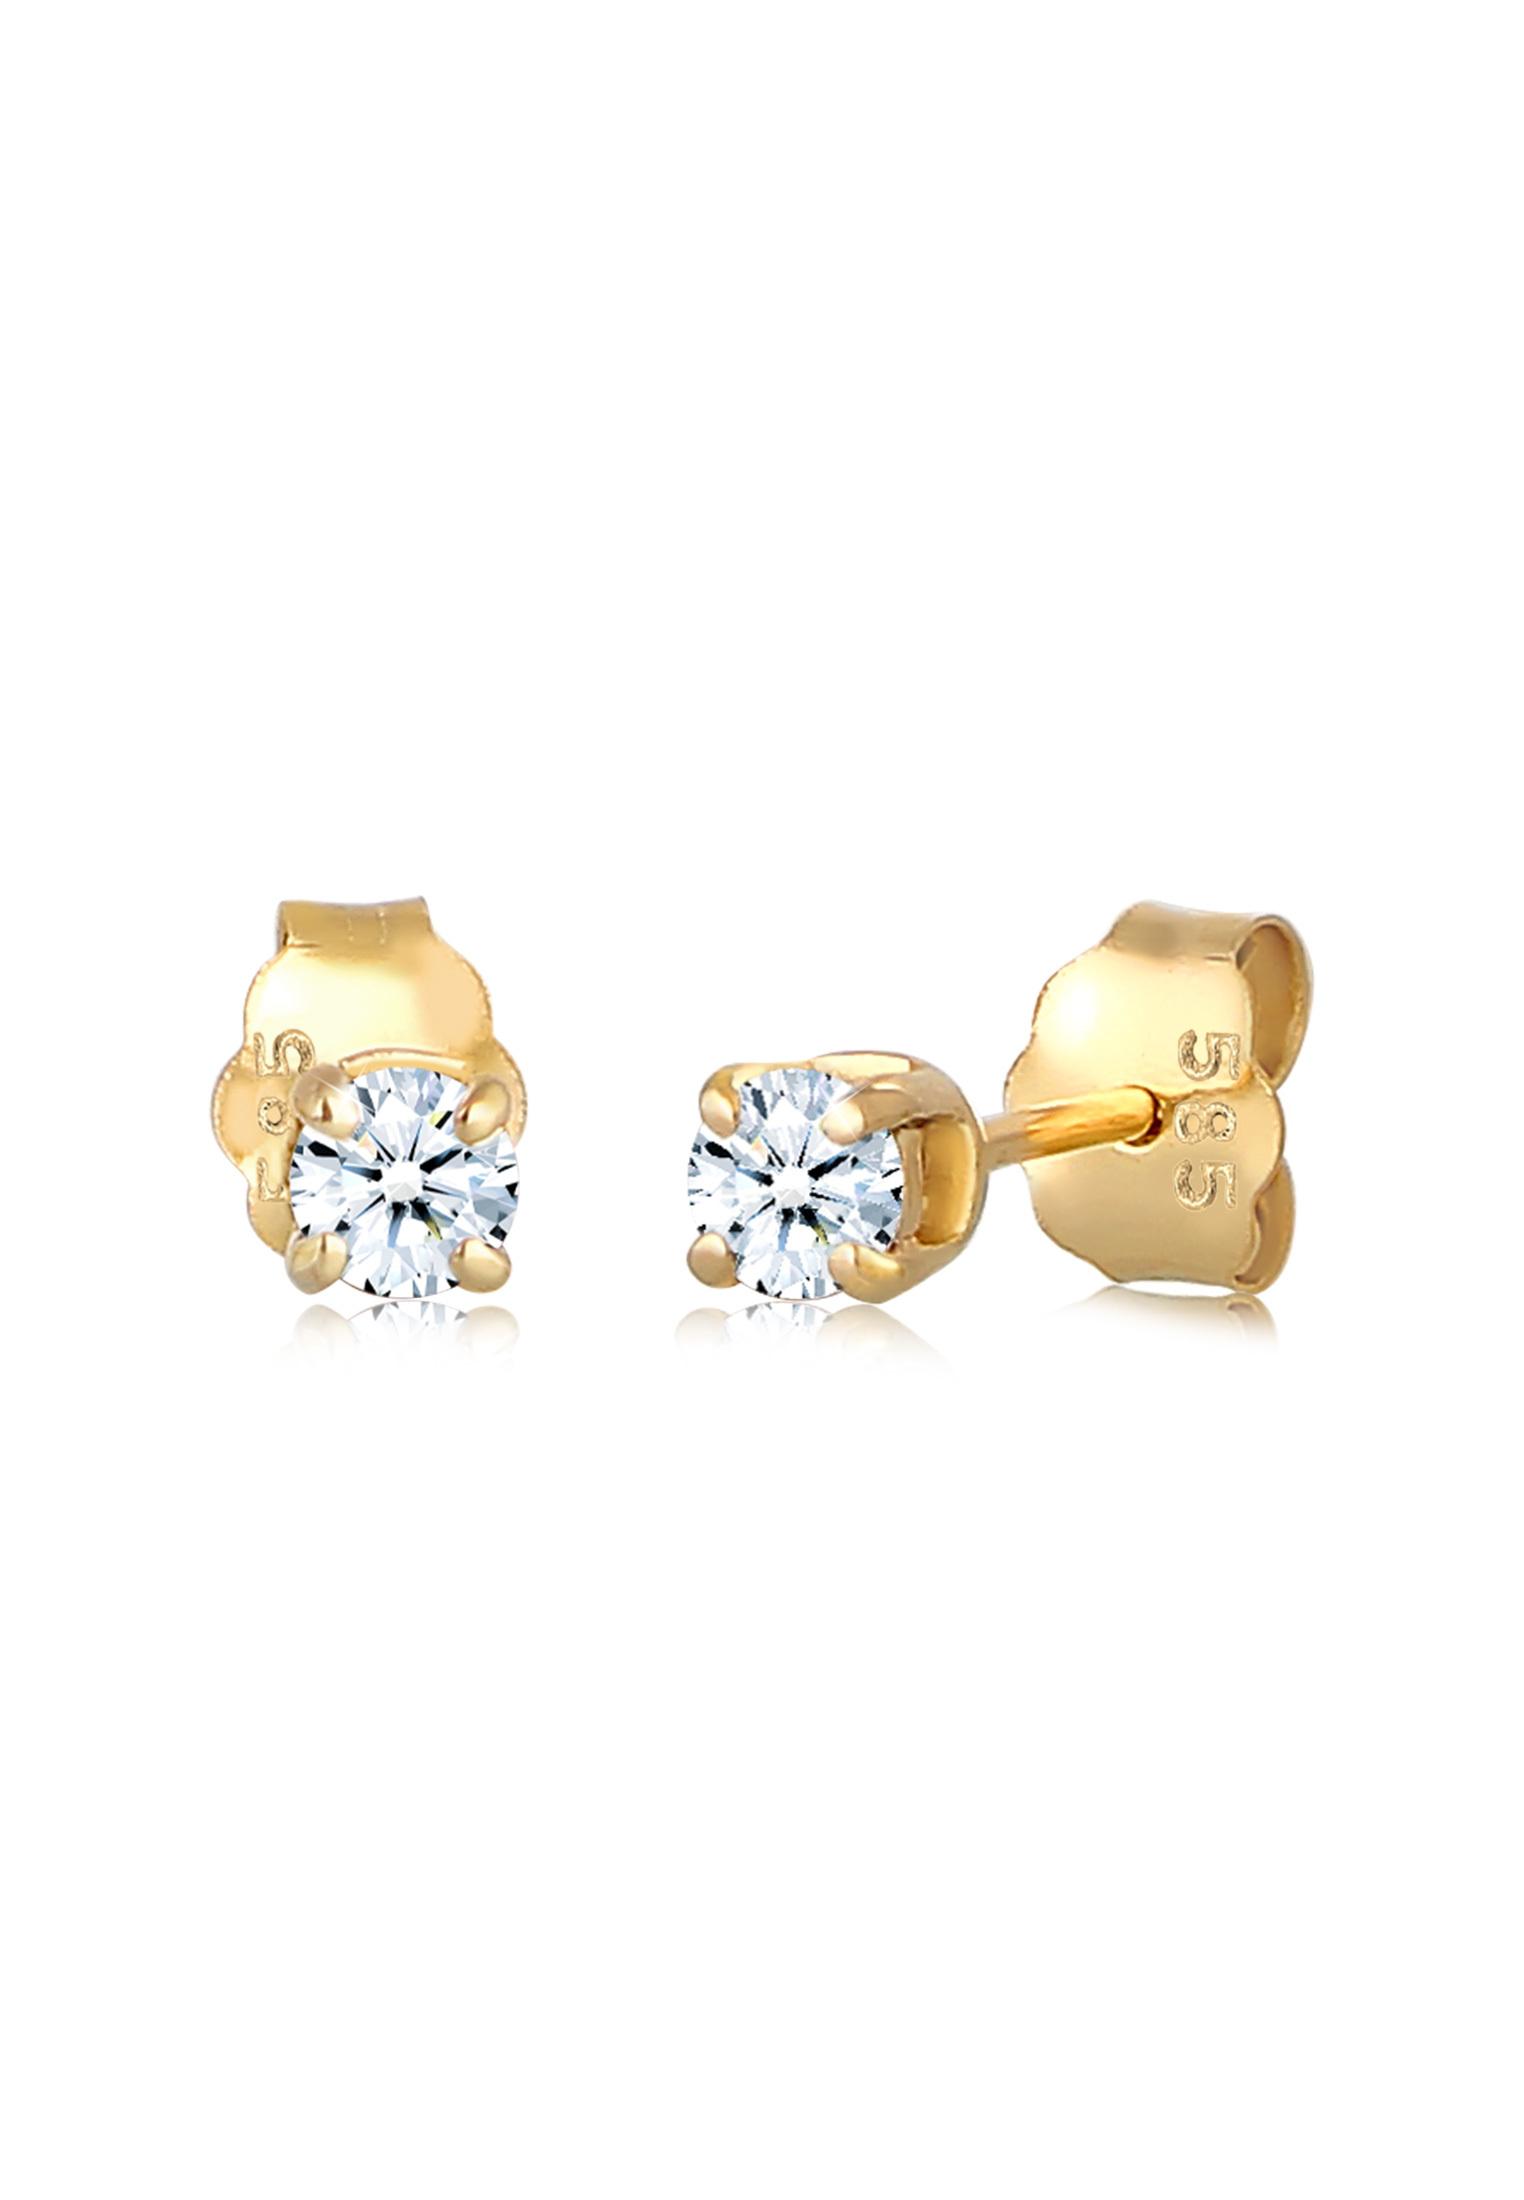 Ohrstecker   Diamant ( Weiß, 0,22 ct )   585 Gelbgold